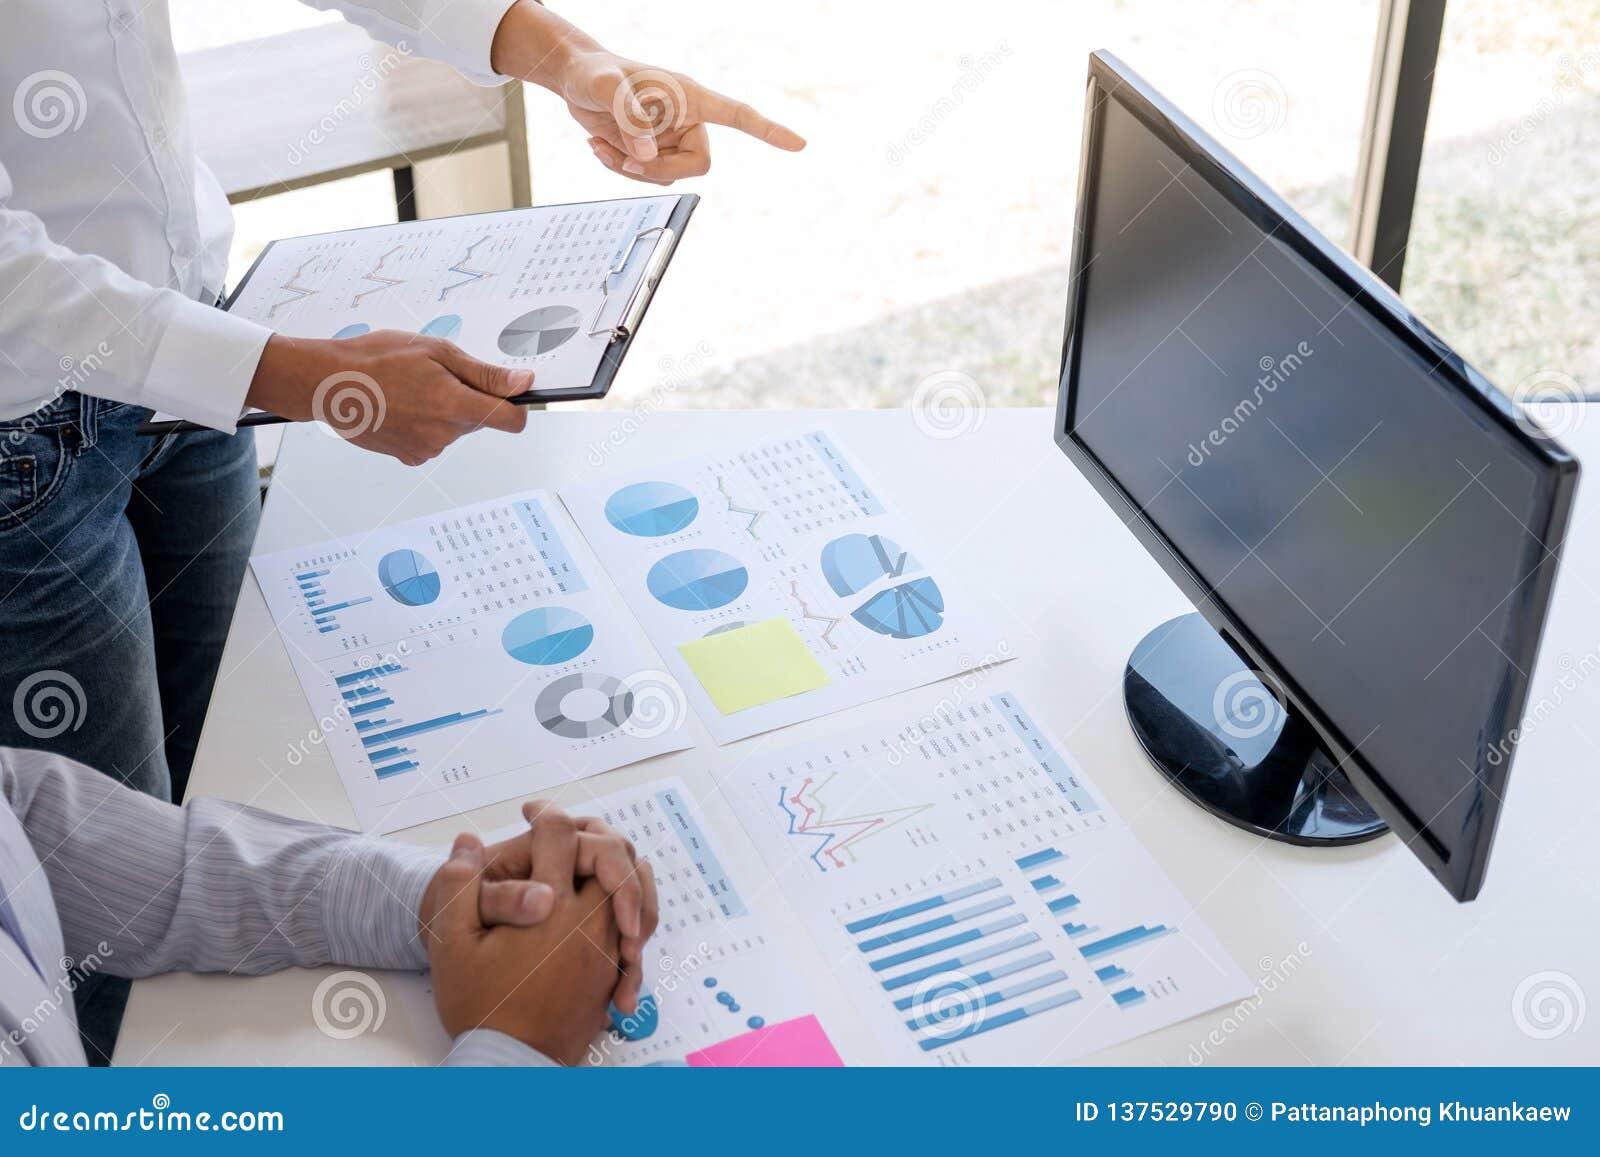 Contable o banquero del negocio, socio comercial calcular y análisis con los índices financieros comunes y los costes financieros